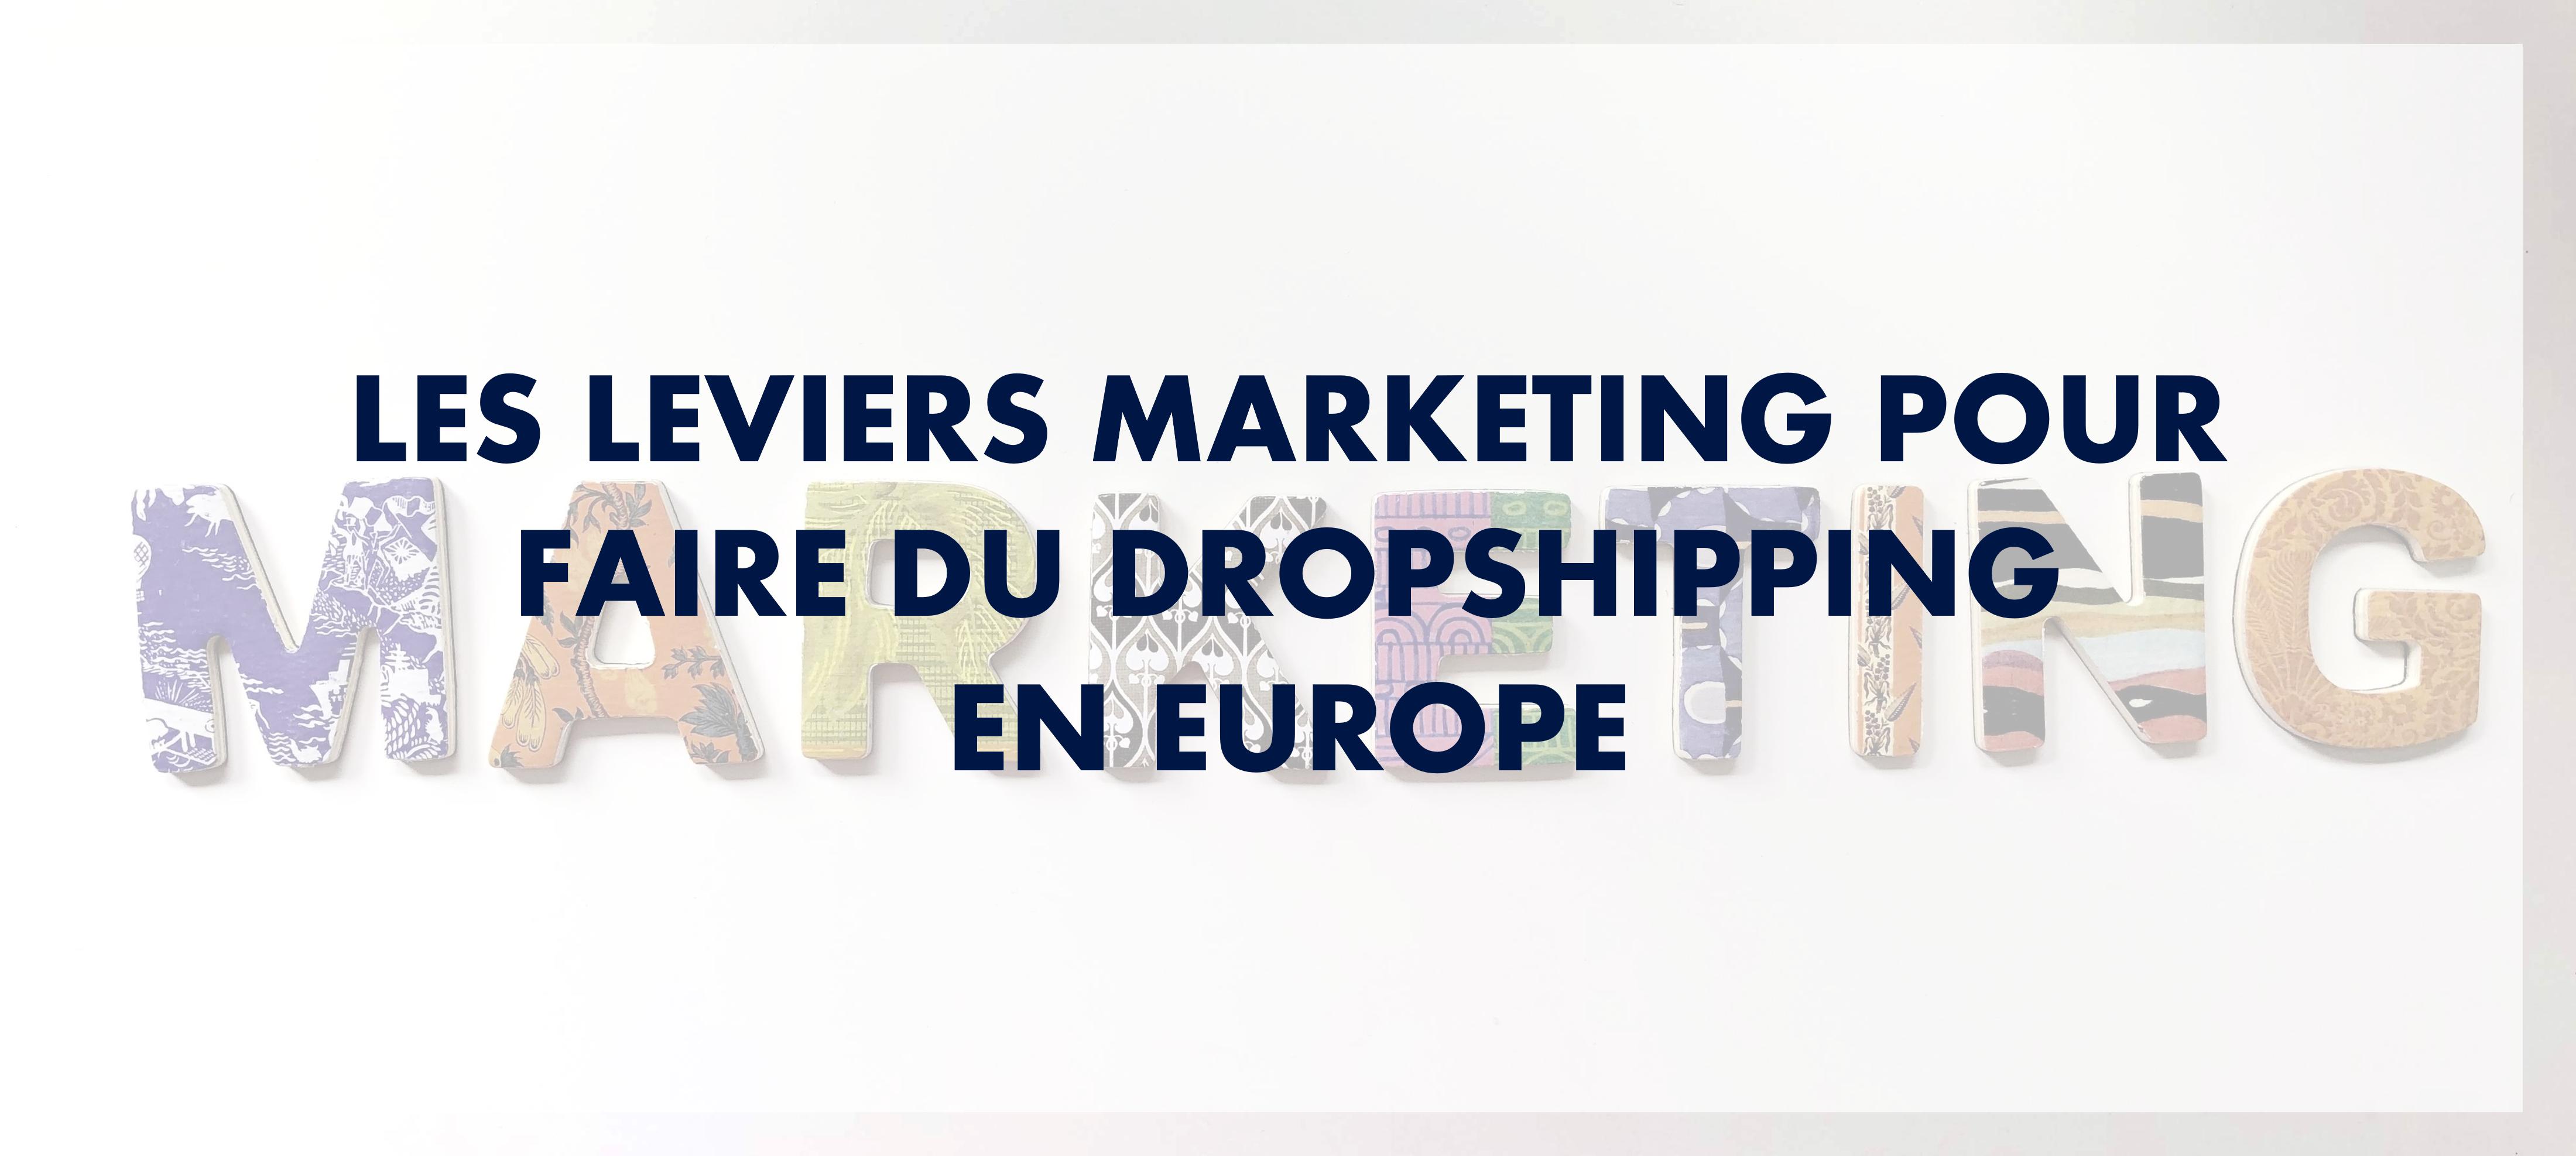 Les leviers marketing pour faire du dropshipping en Europe